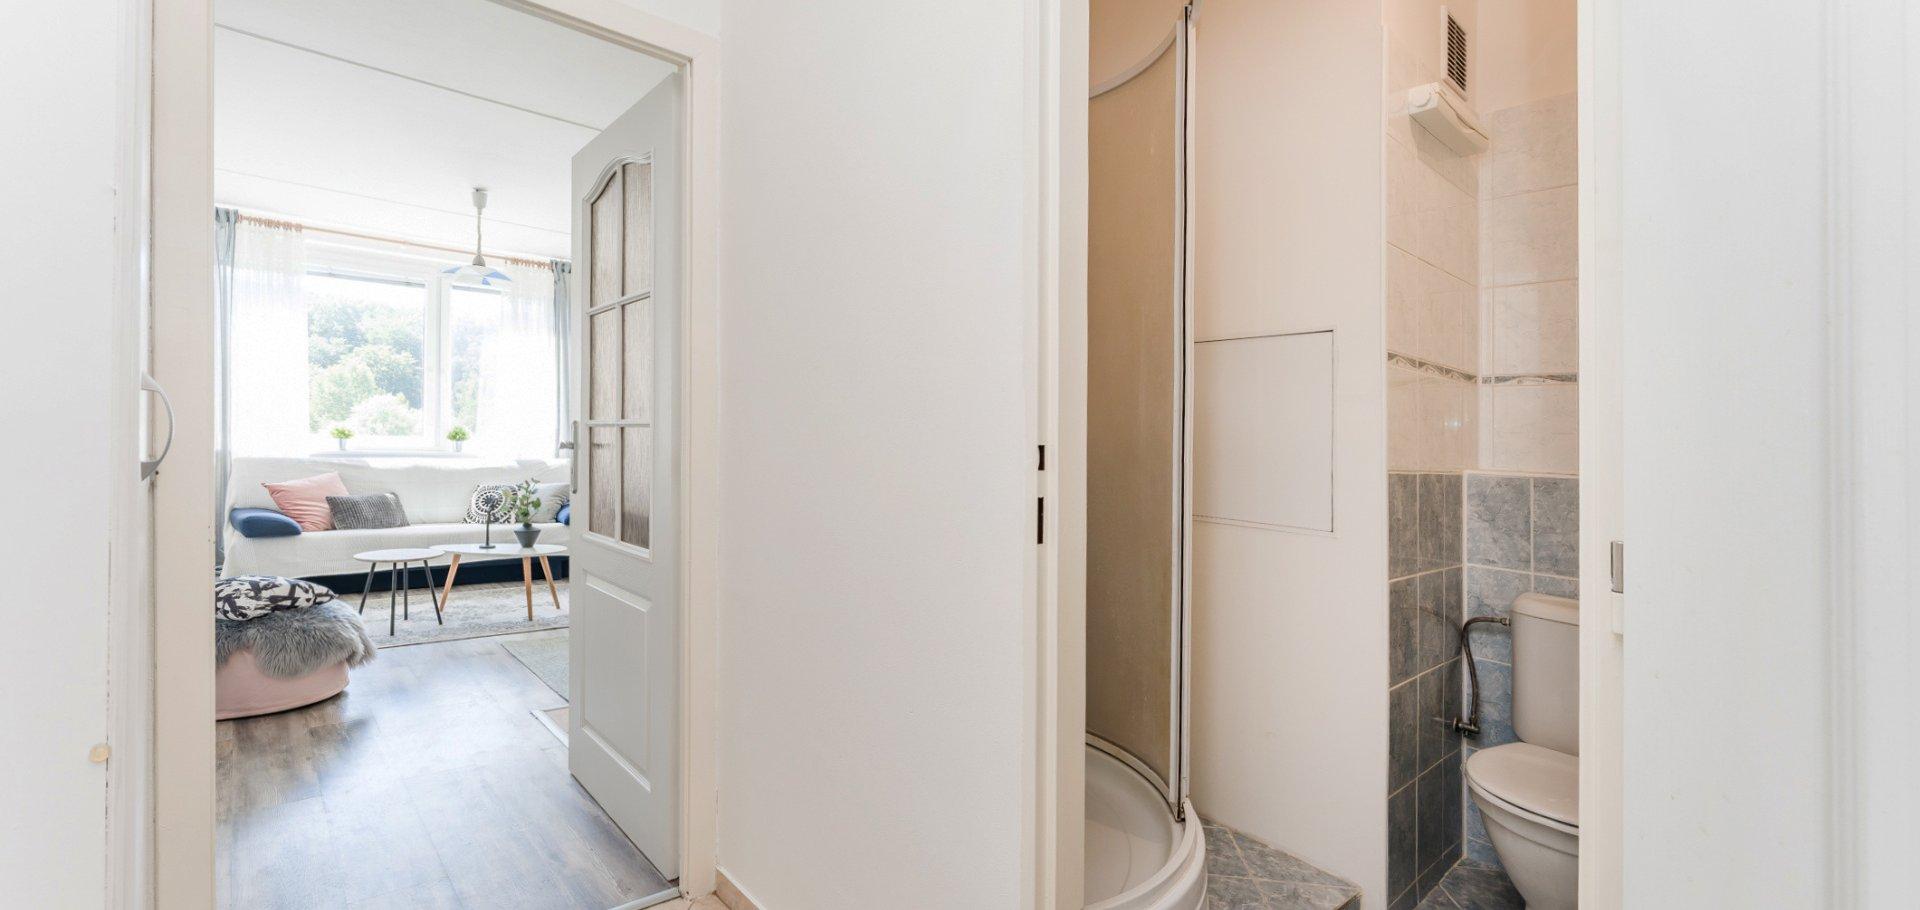 Pronájem bytu 1+kk, 30m² - Praha - Hodkovičky